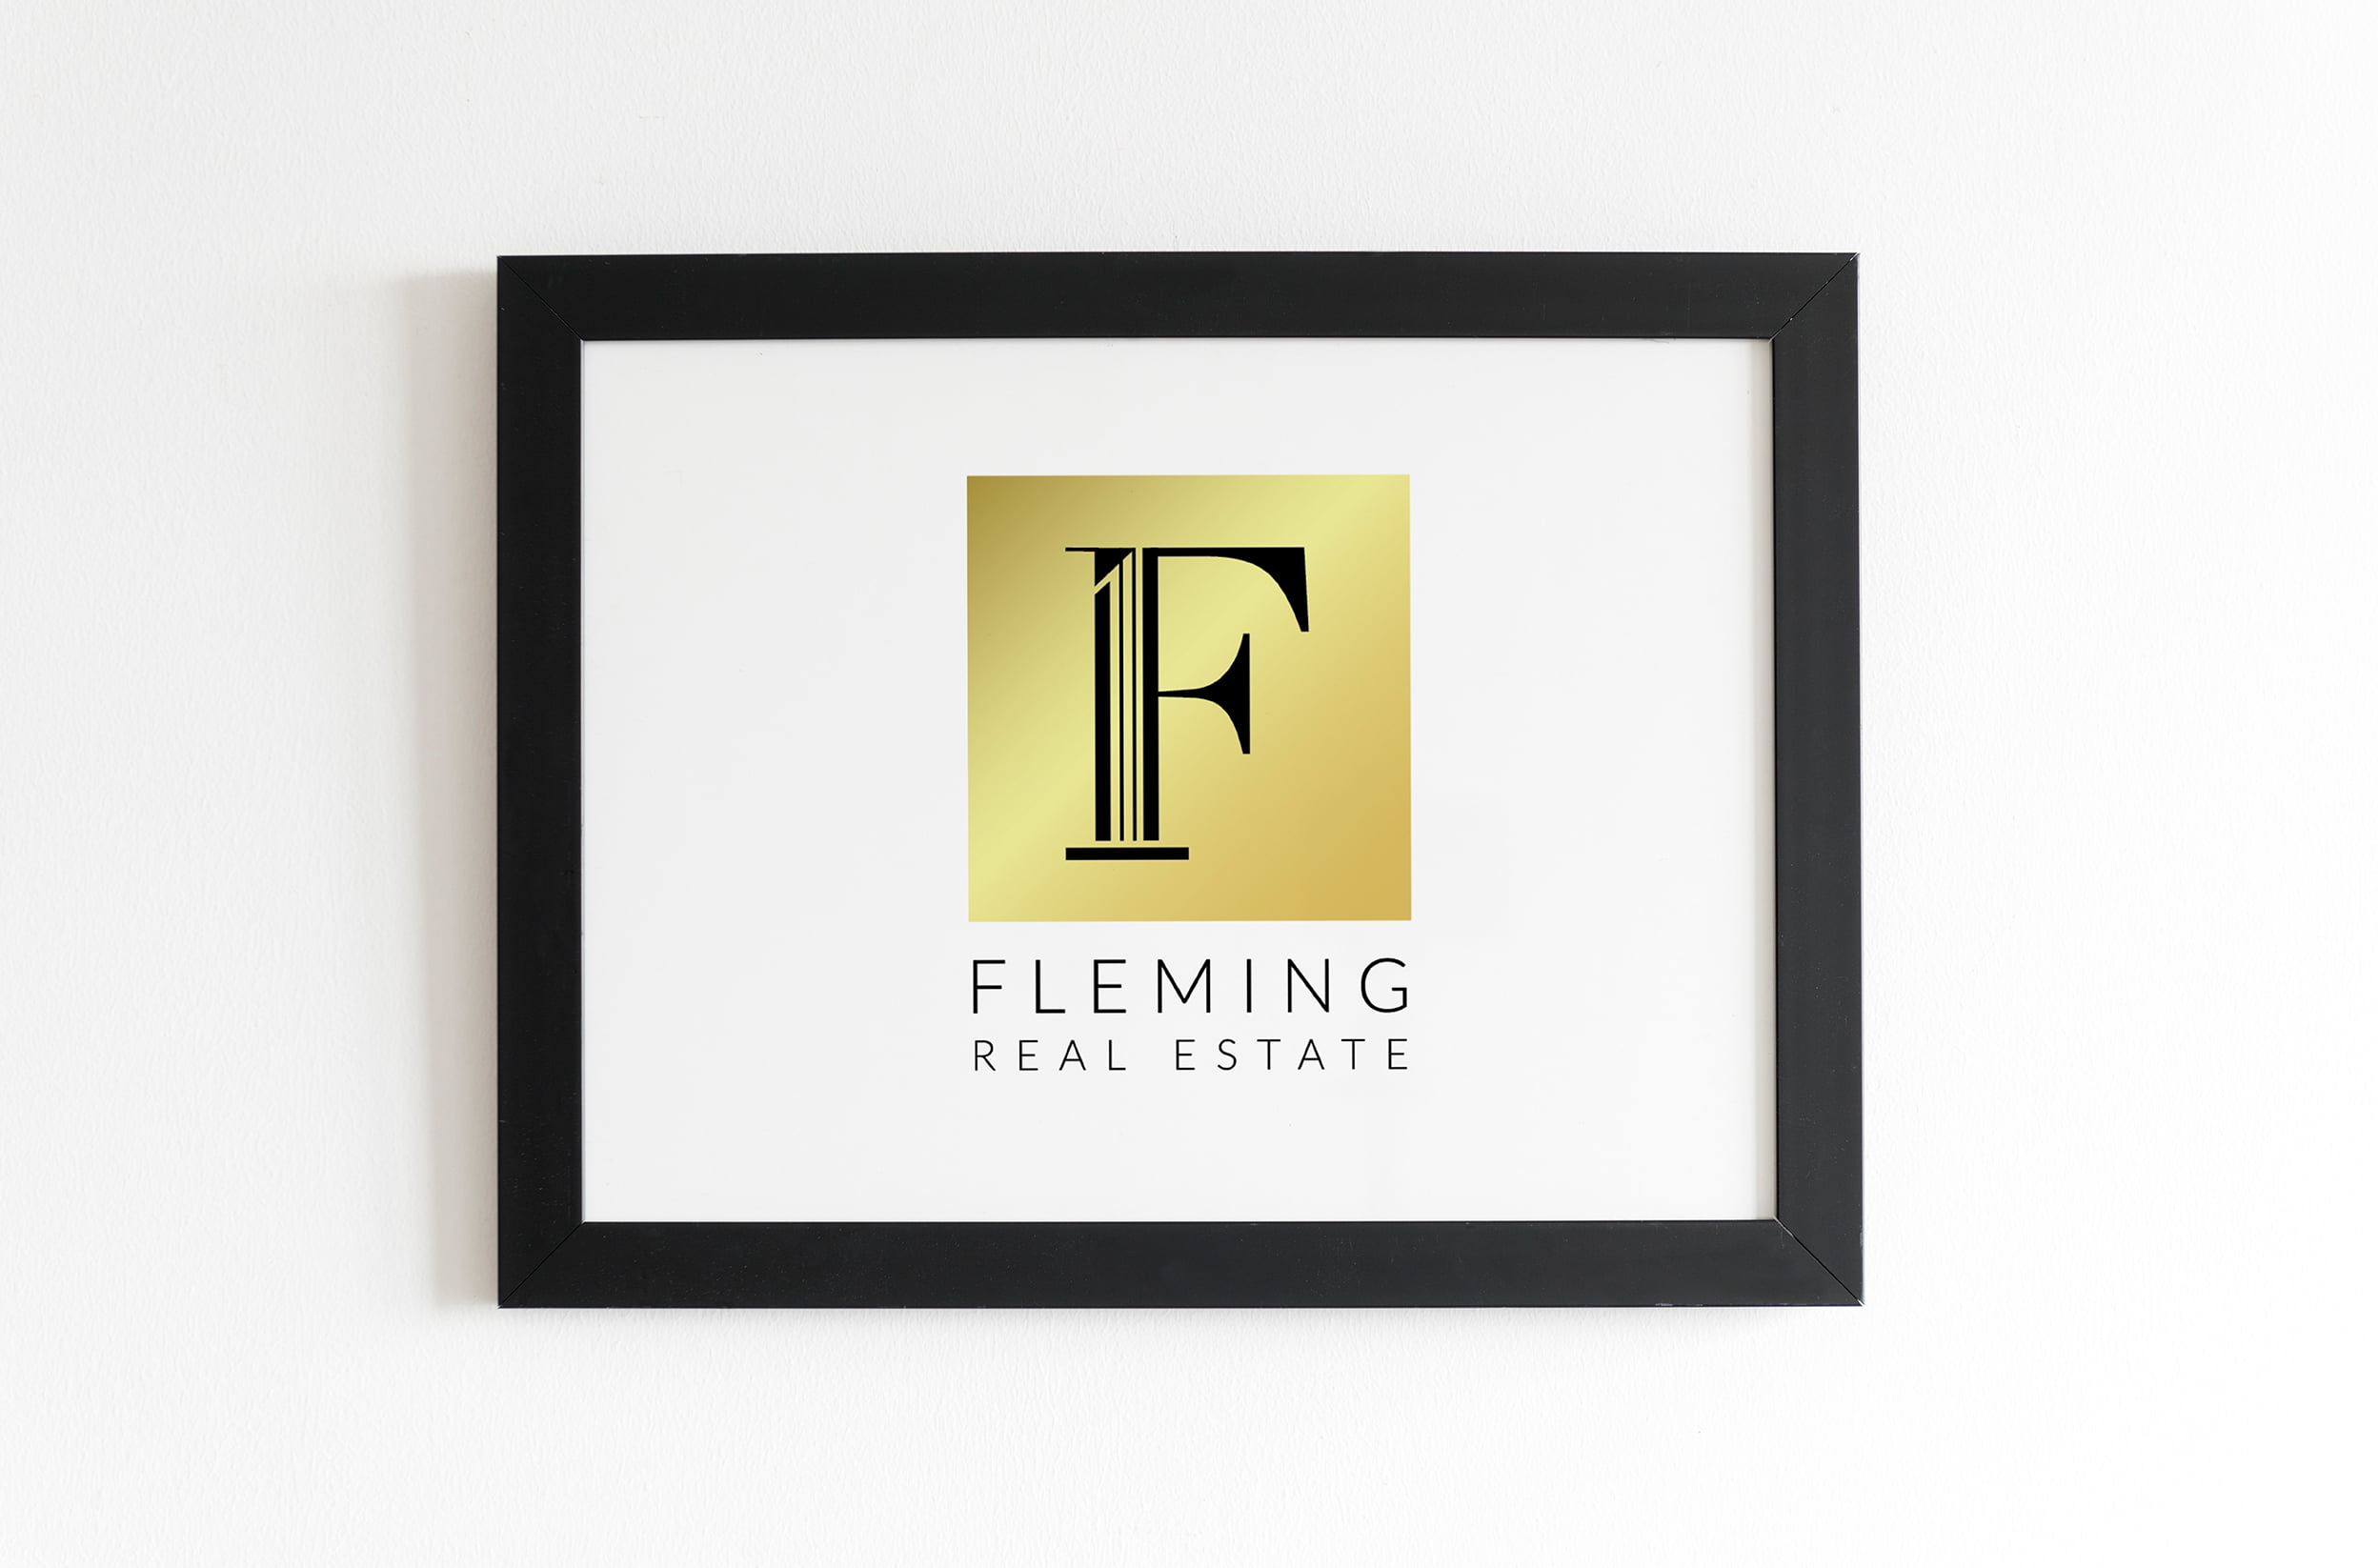 fleming-6